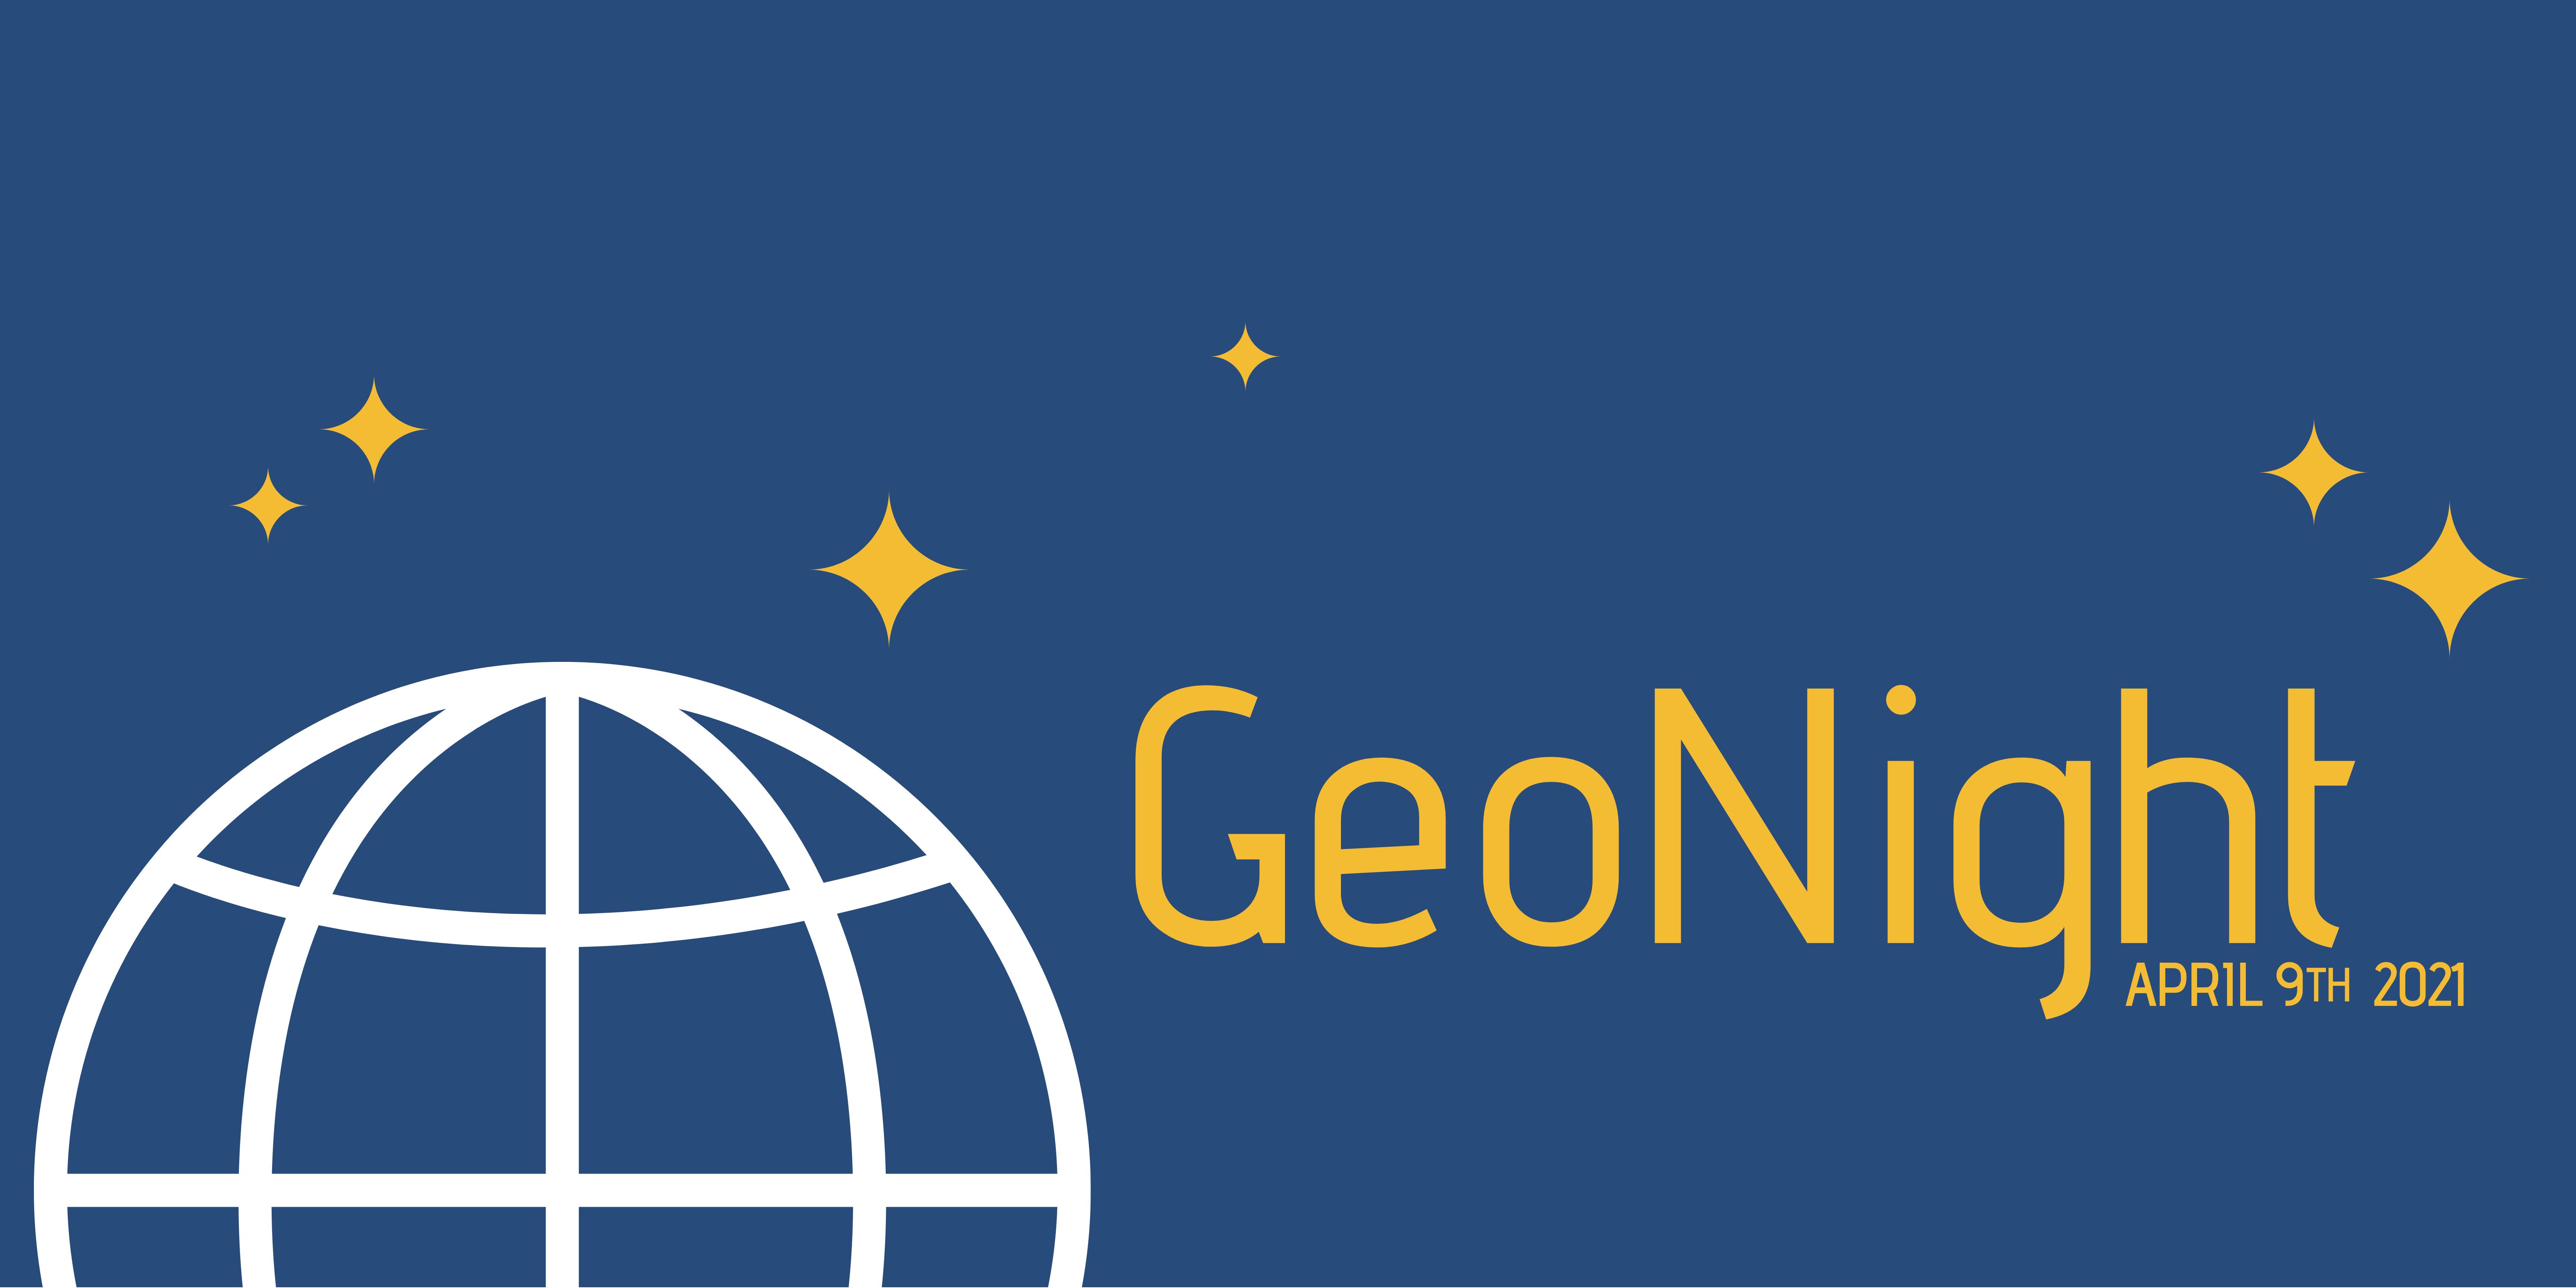 GeoNight 2021